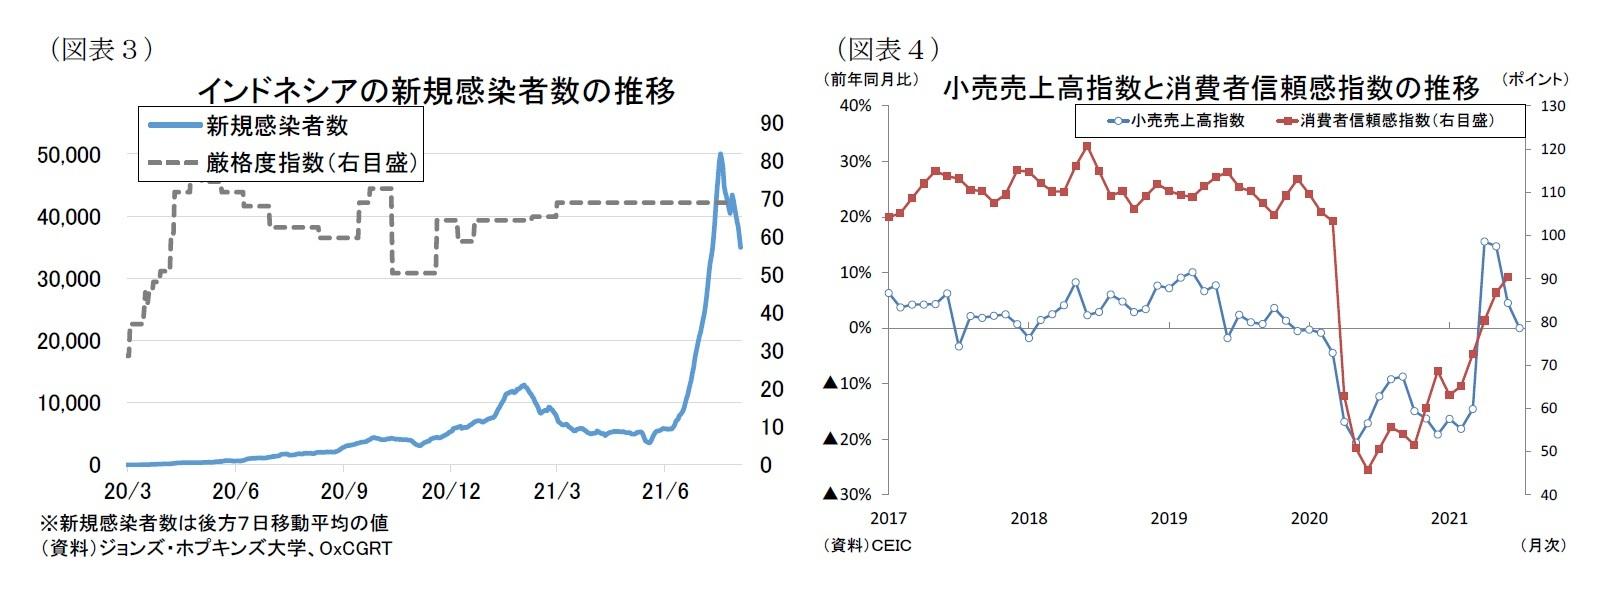 (図表3)インドネシアの新規感染者数の推移/(図表4)小売売上高指数と消費者信頼感指数の推移